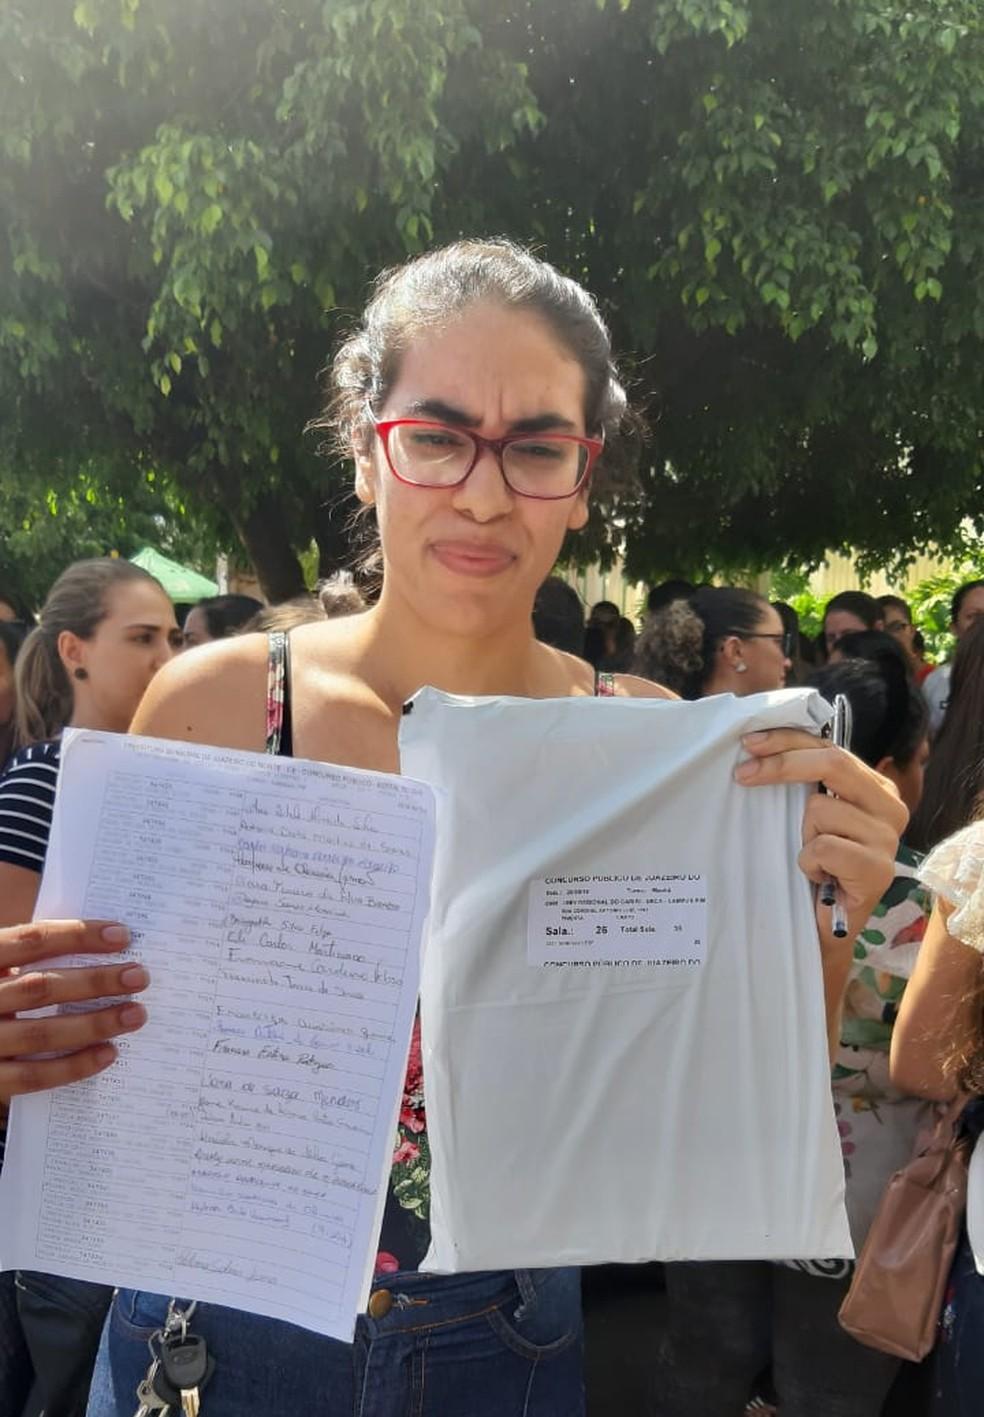 Candidatos saíram com as provas após atraso e confusão no Ceará — Foto: Lorena Tavares/ Sistema Verdes Mares